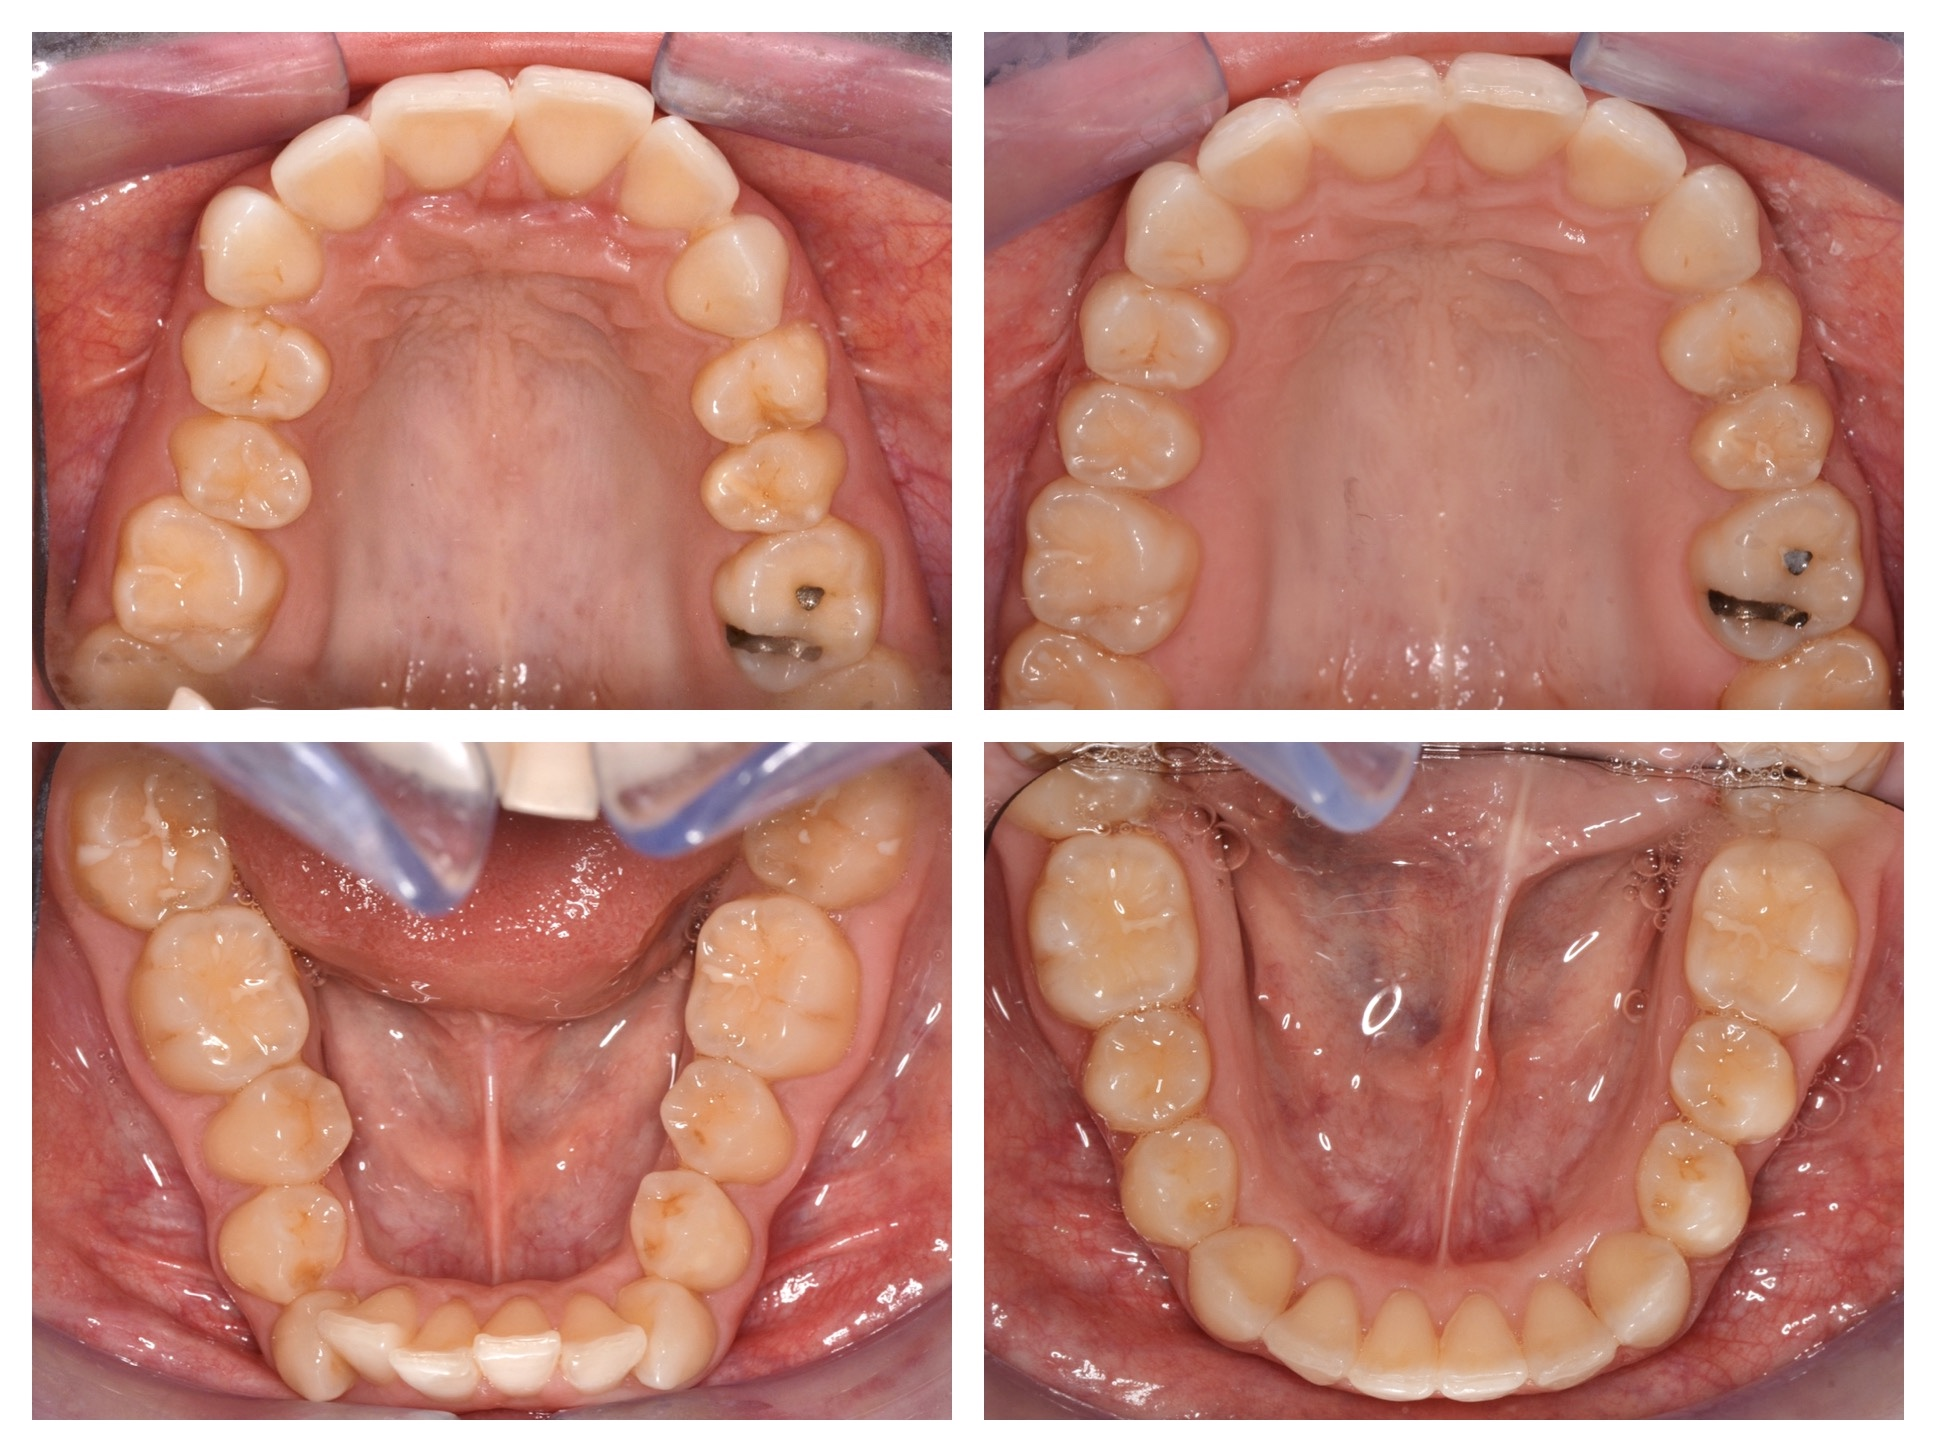 Deep Bite Treatment Arches (part 3)